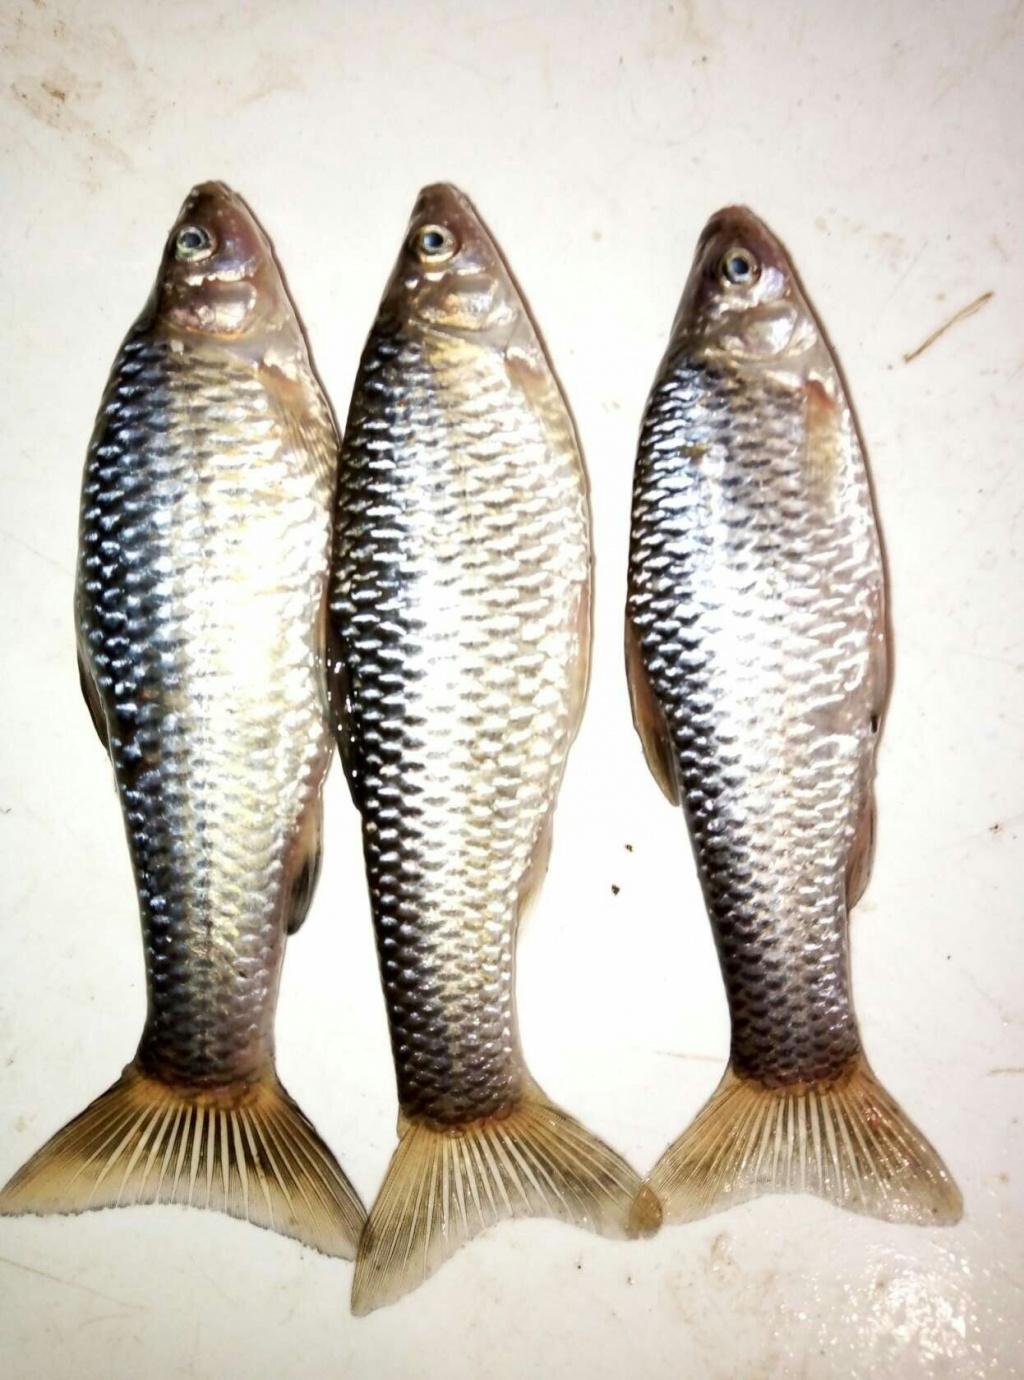 Алексей из «Йошкар-ола» просит распознать рыбу по фото